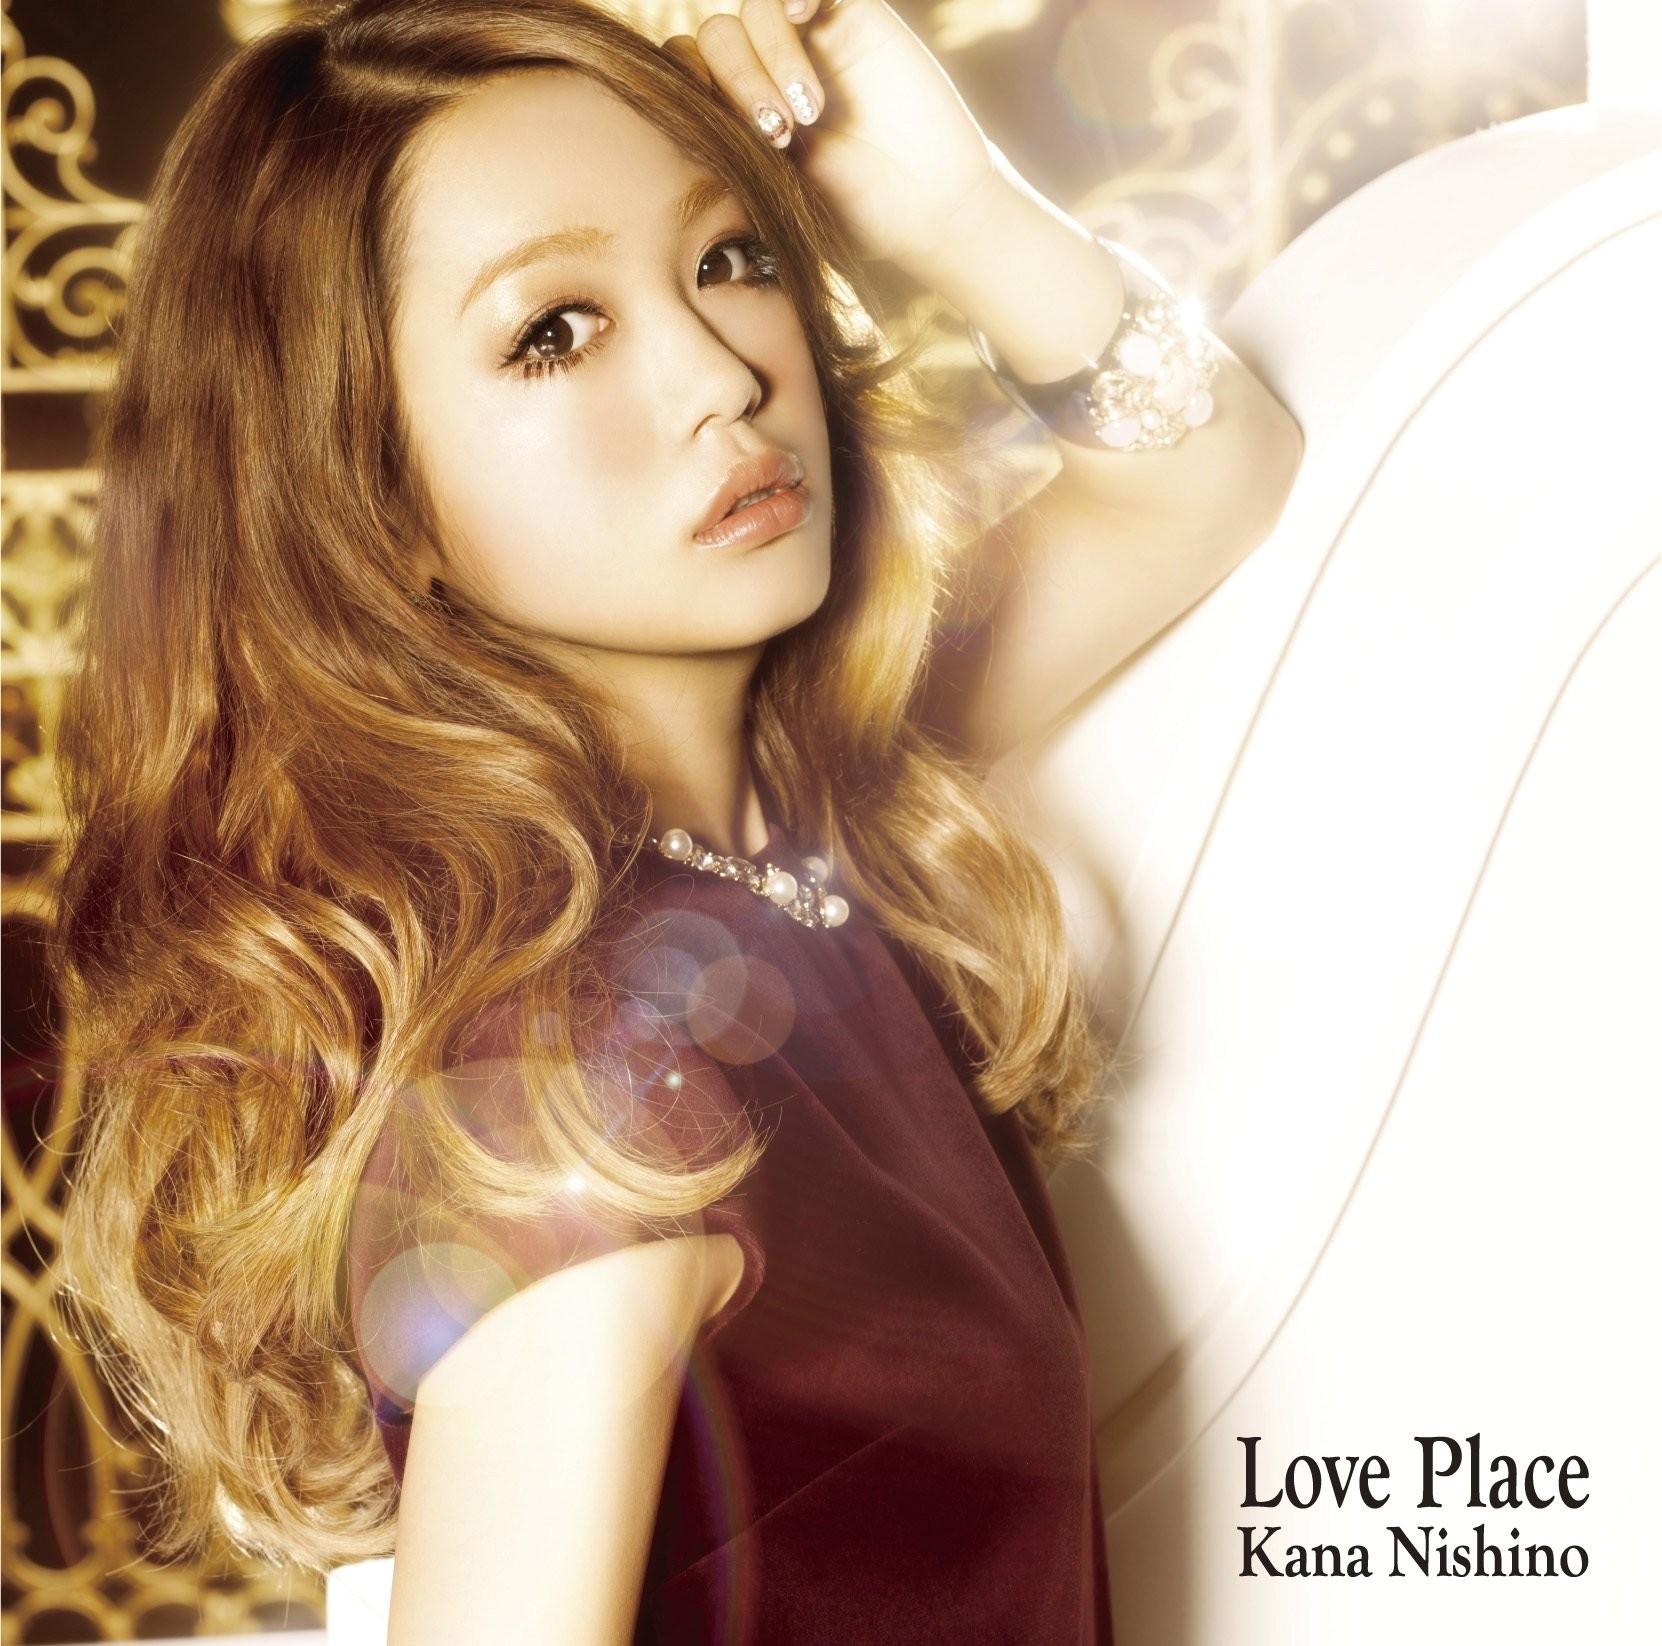 20170202.02.01 Kana Nishino - Love Place (DVD) (JPOP.ru) cover 2.jpg